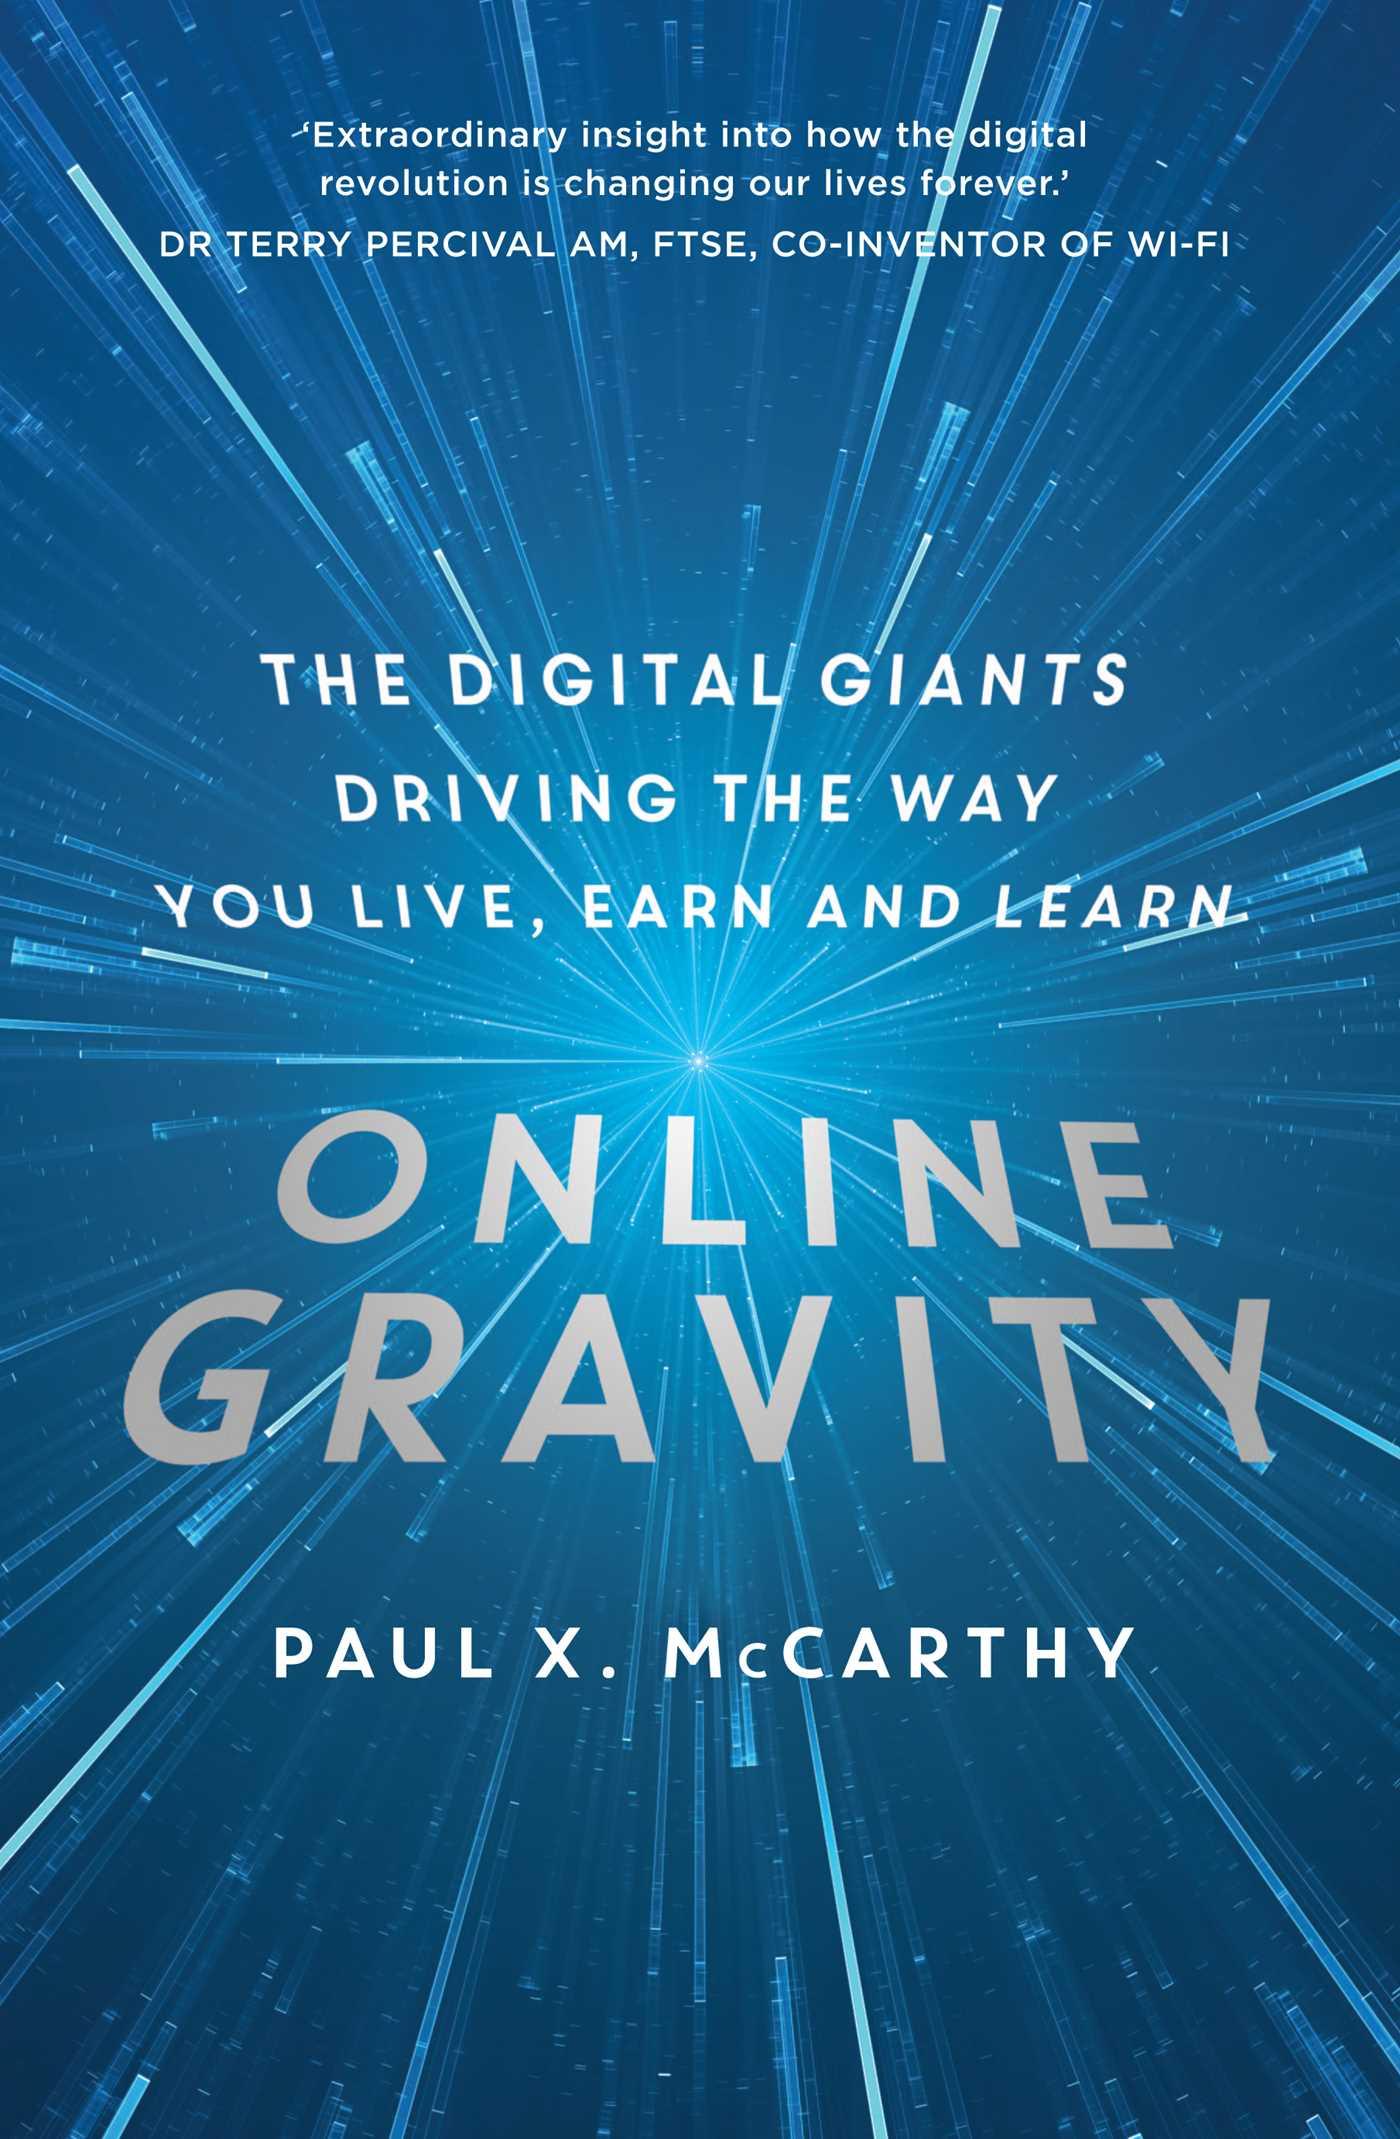 Online gravity 9781925030747 hr